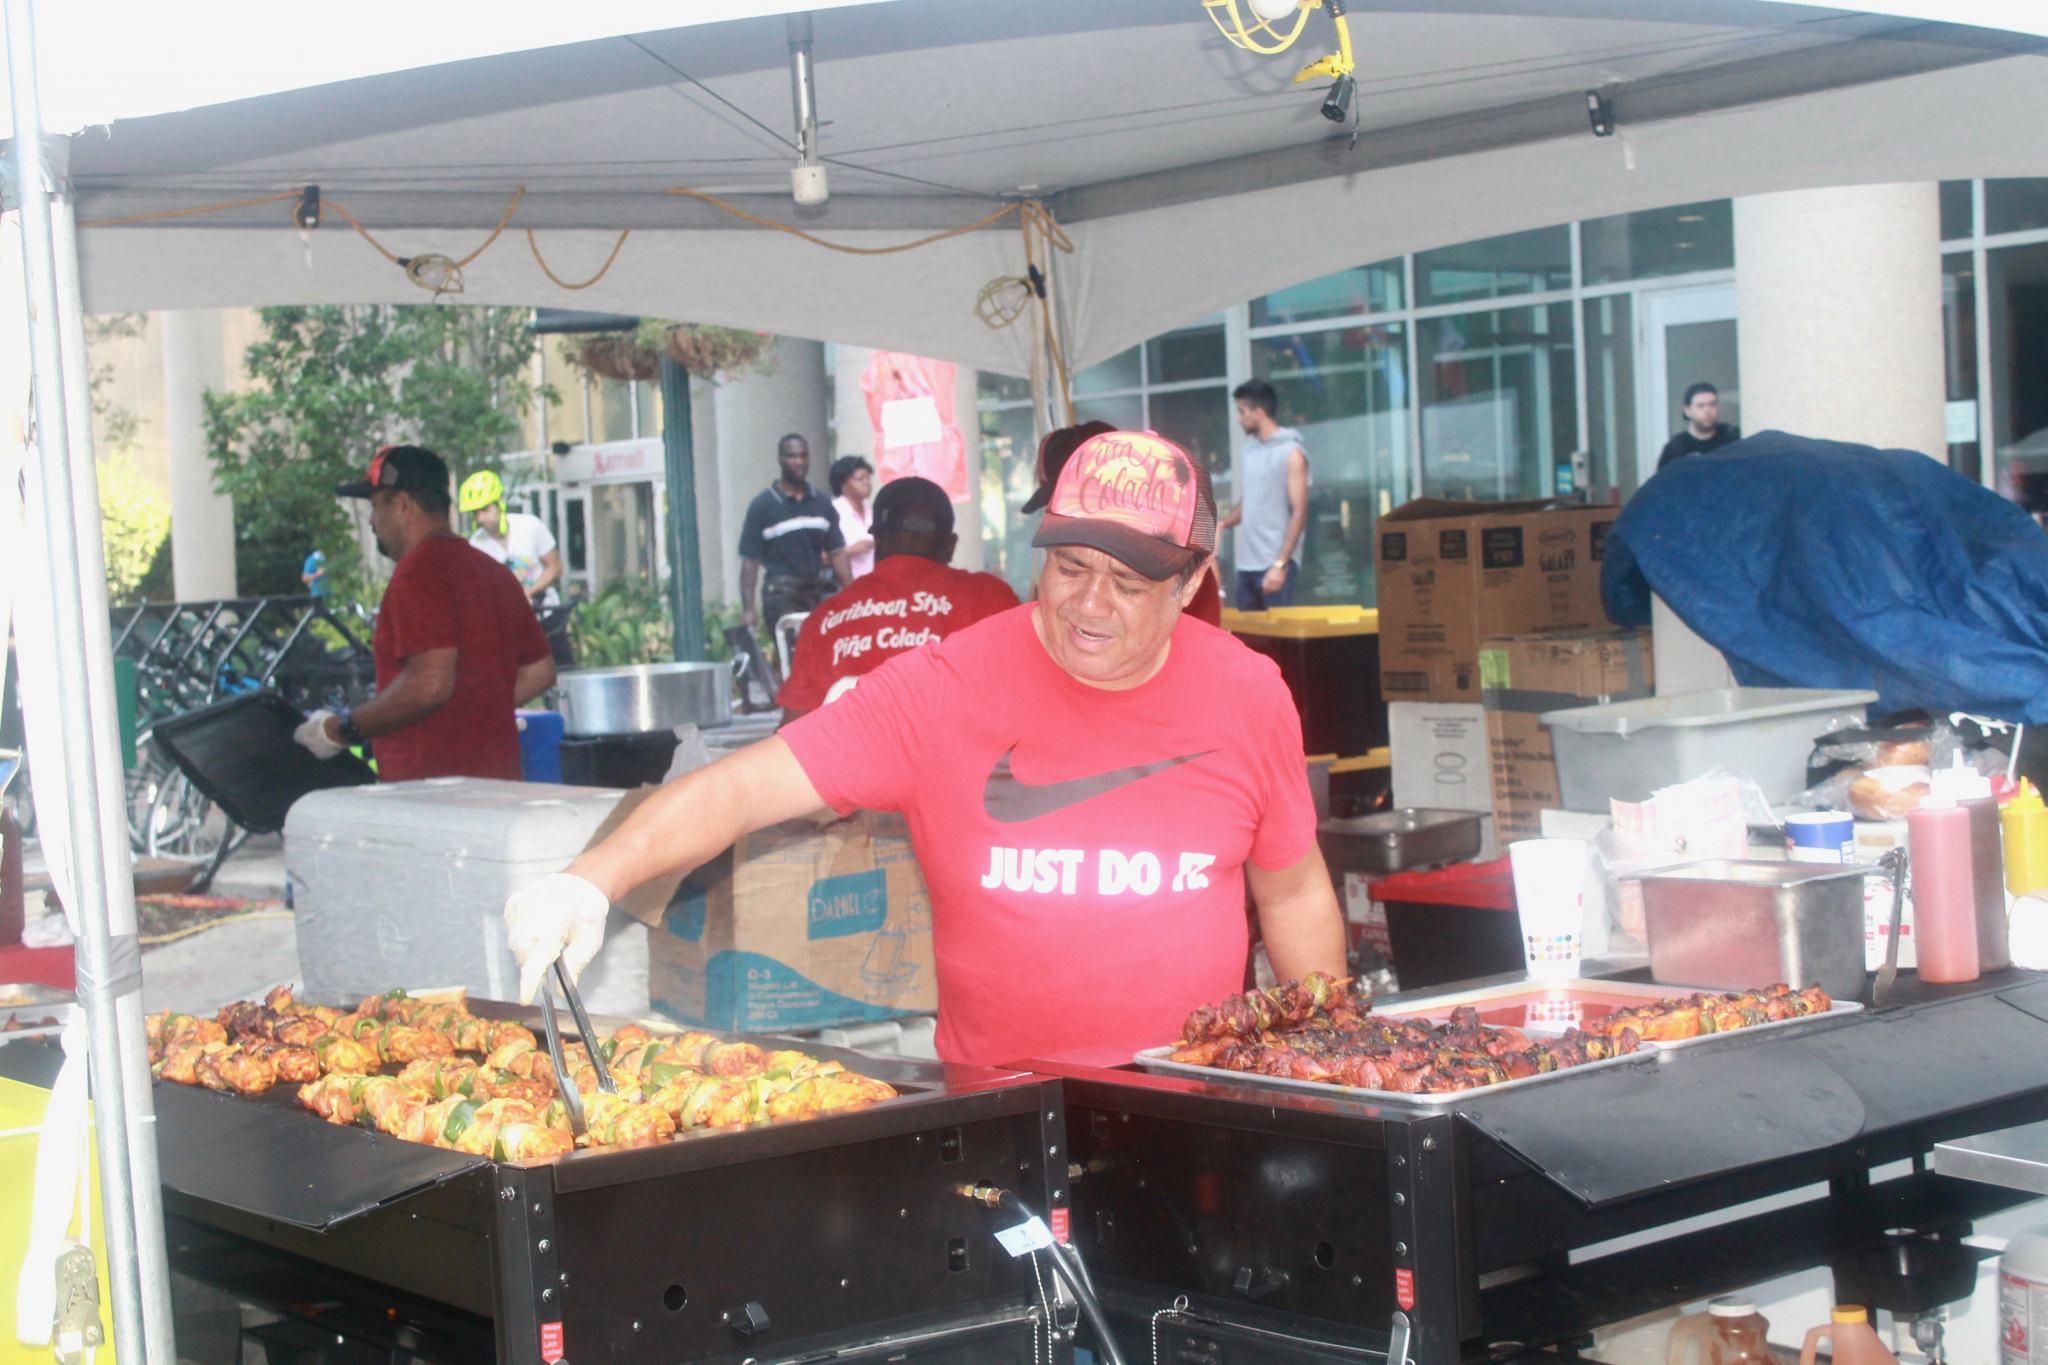 Soda City Market Food